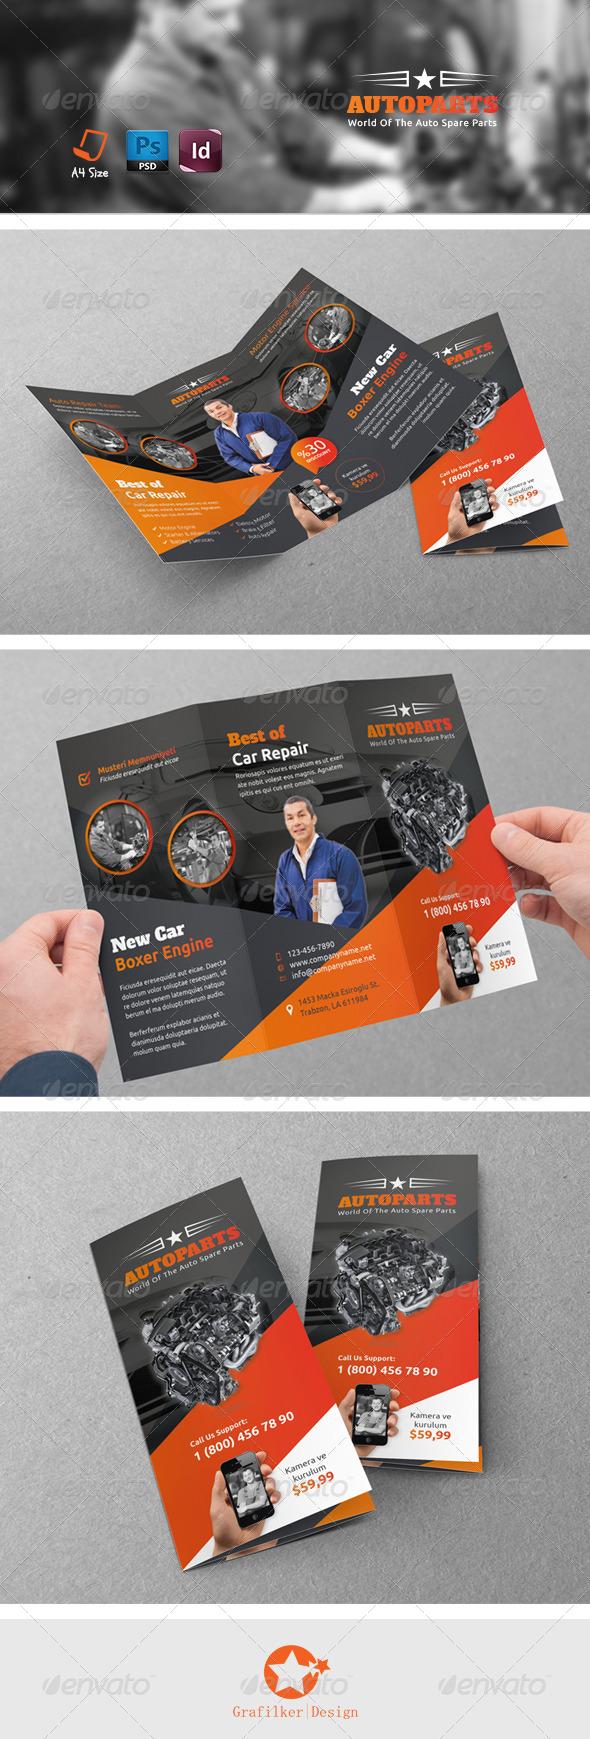 GraphicRiver Auto Repair Tri-Fold Templates 7837459